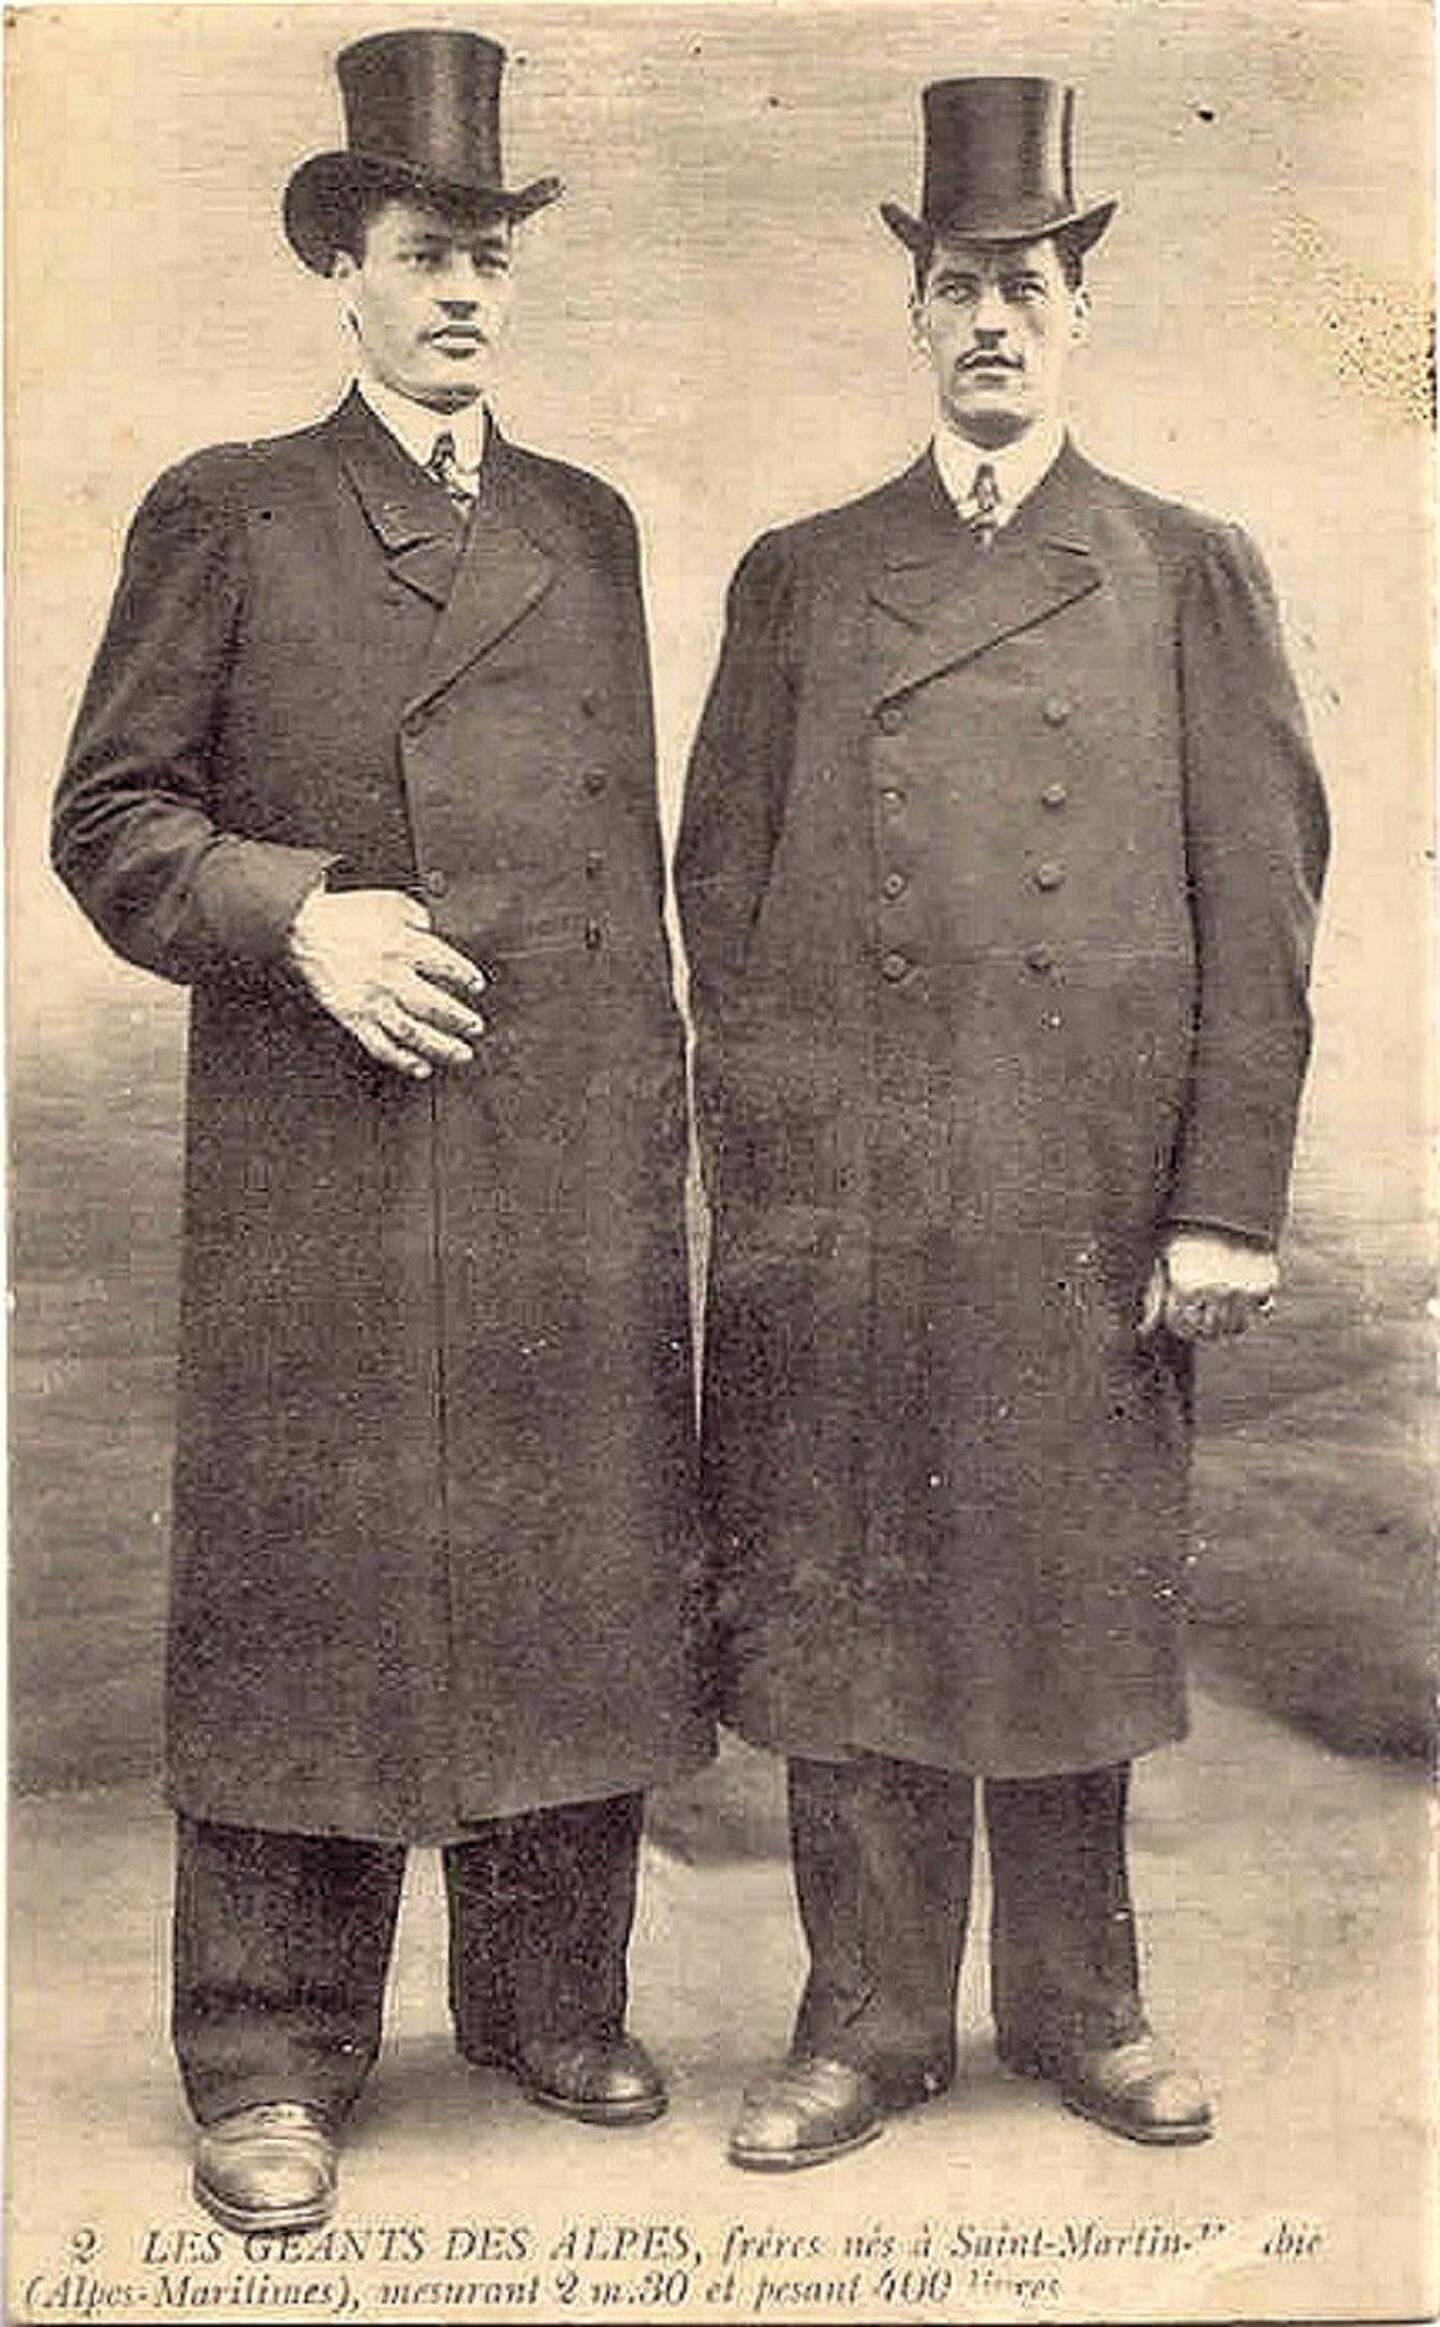 Natifs de Saint-Martin-Vésubie à la fin du XIXe siècle, ces deux frères exceptionnels furent célèbres d'un bout à l'autre de l'Europe et même jusqu'aux Amériques.